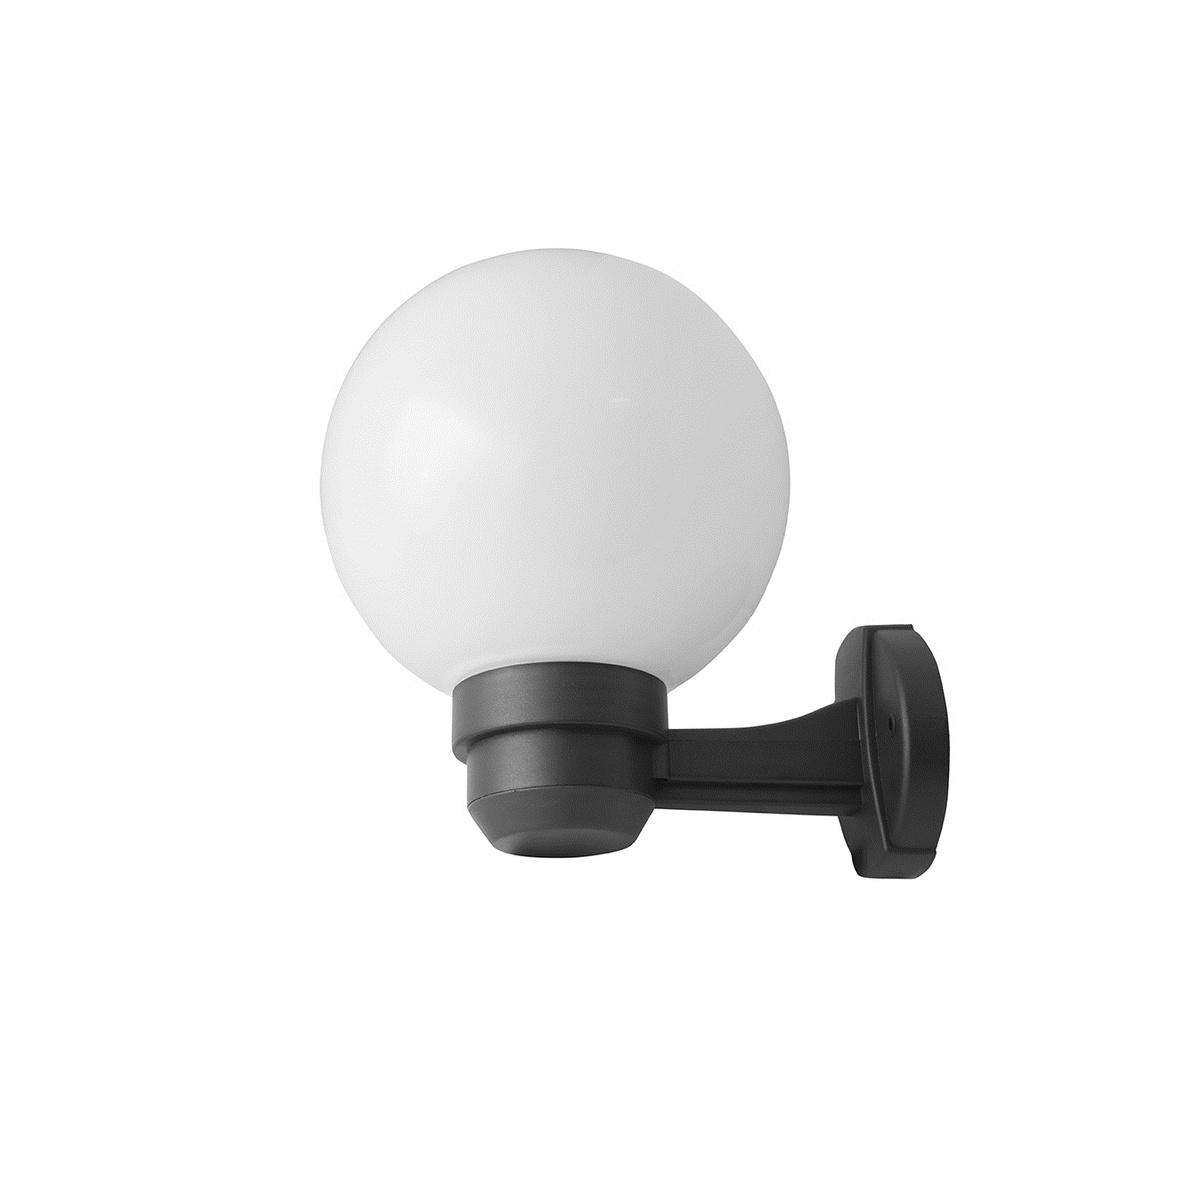 PARK S zahradní nástěnné svítidlo se senzorem černá prizmatická kouřová, Panlux